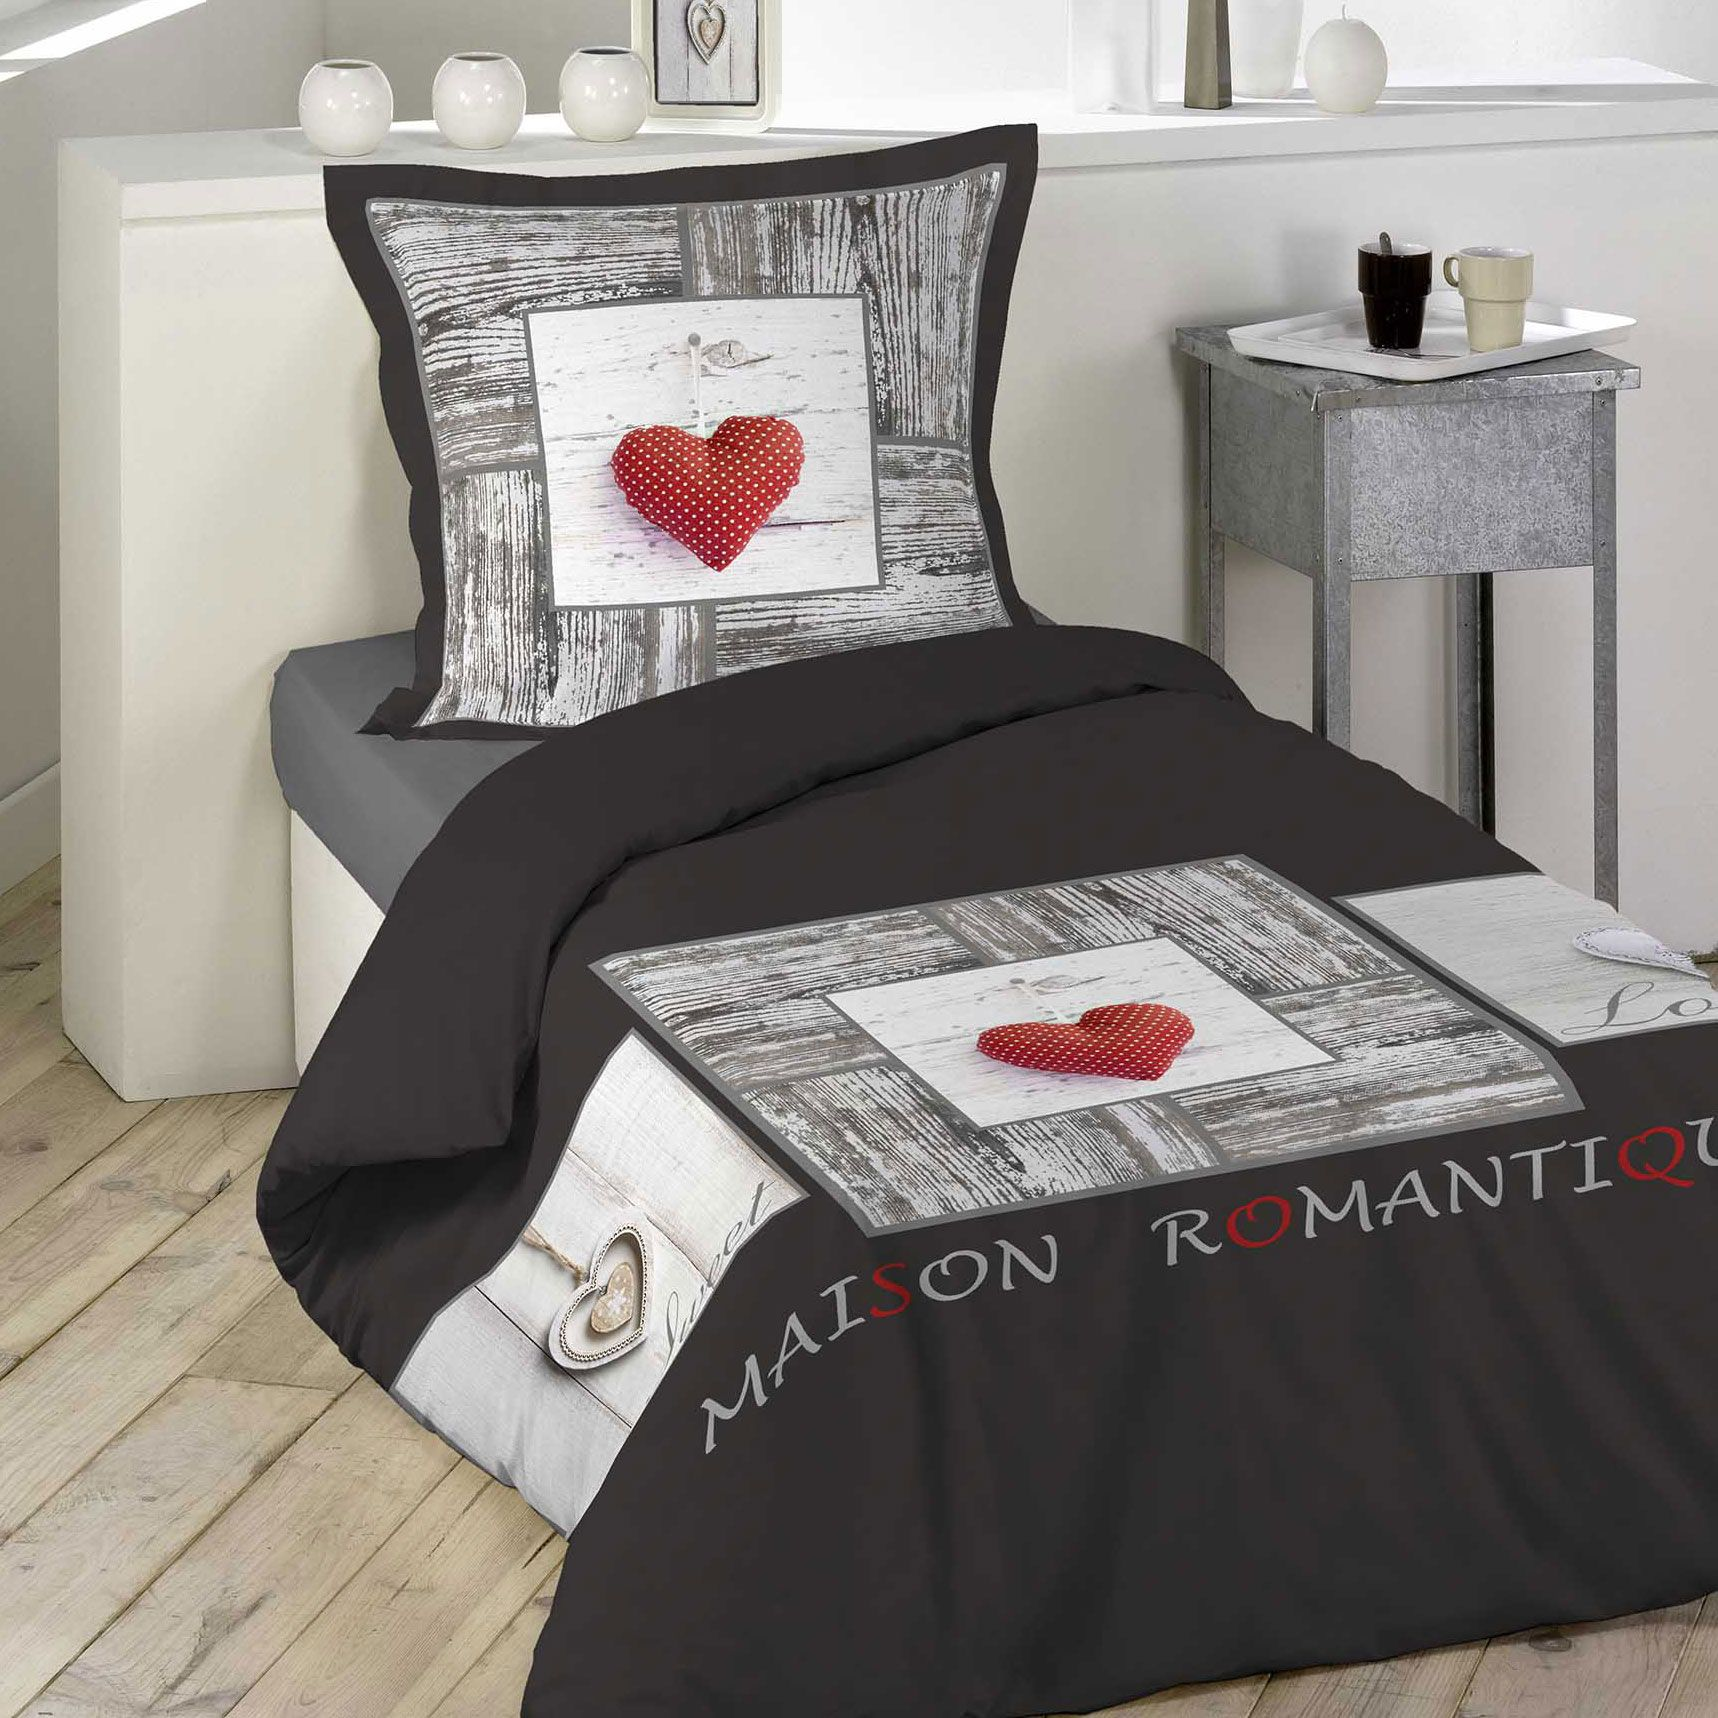 housse de couette et taie coeur romantique 100 coton 140 cm gris anthracite housse de. Black Bedroom Furniture Sets. Home Design Ideas